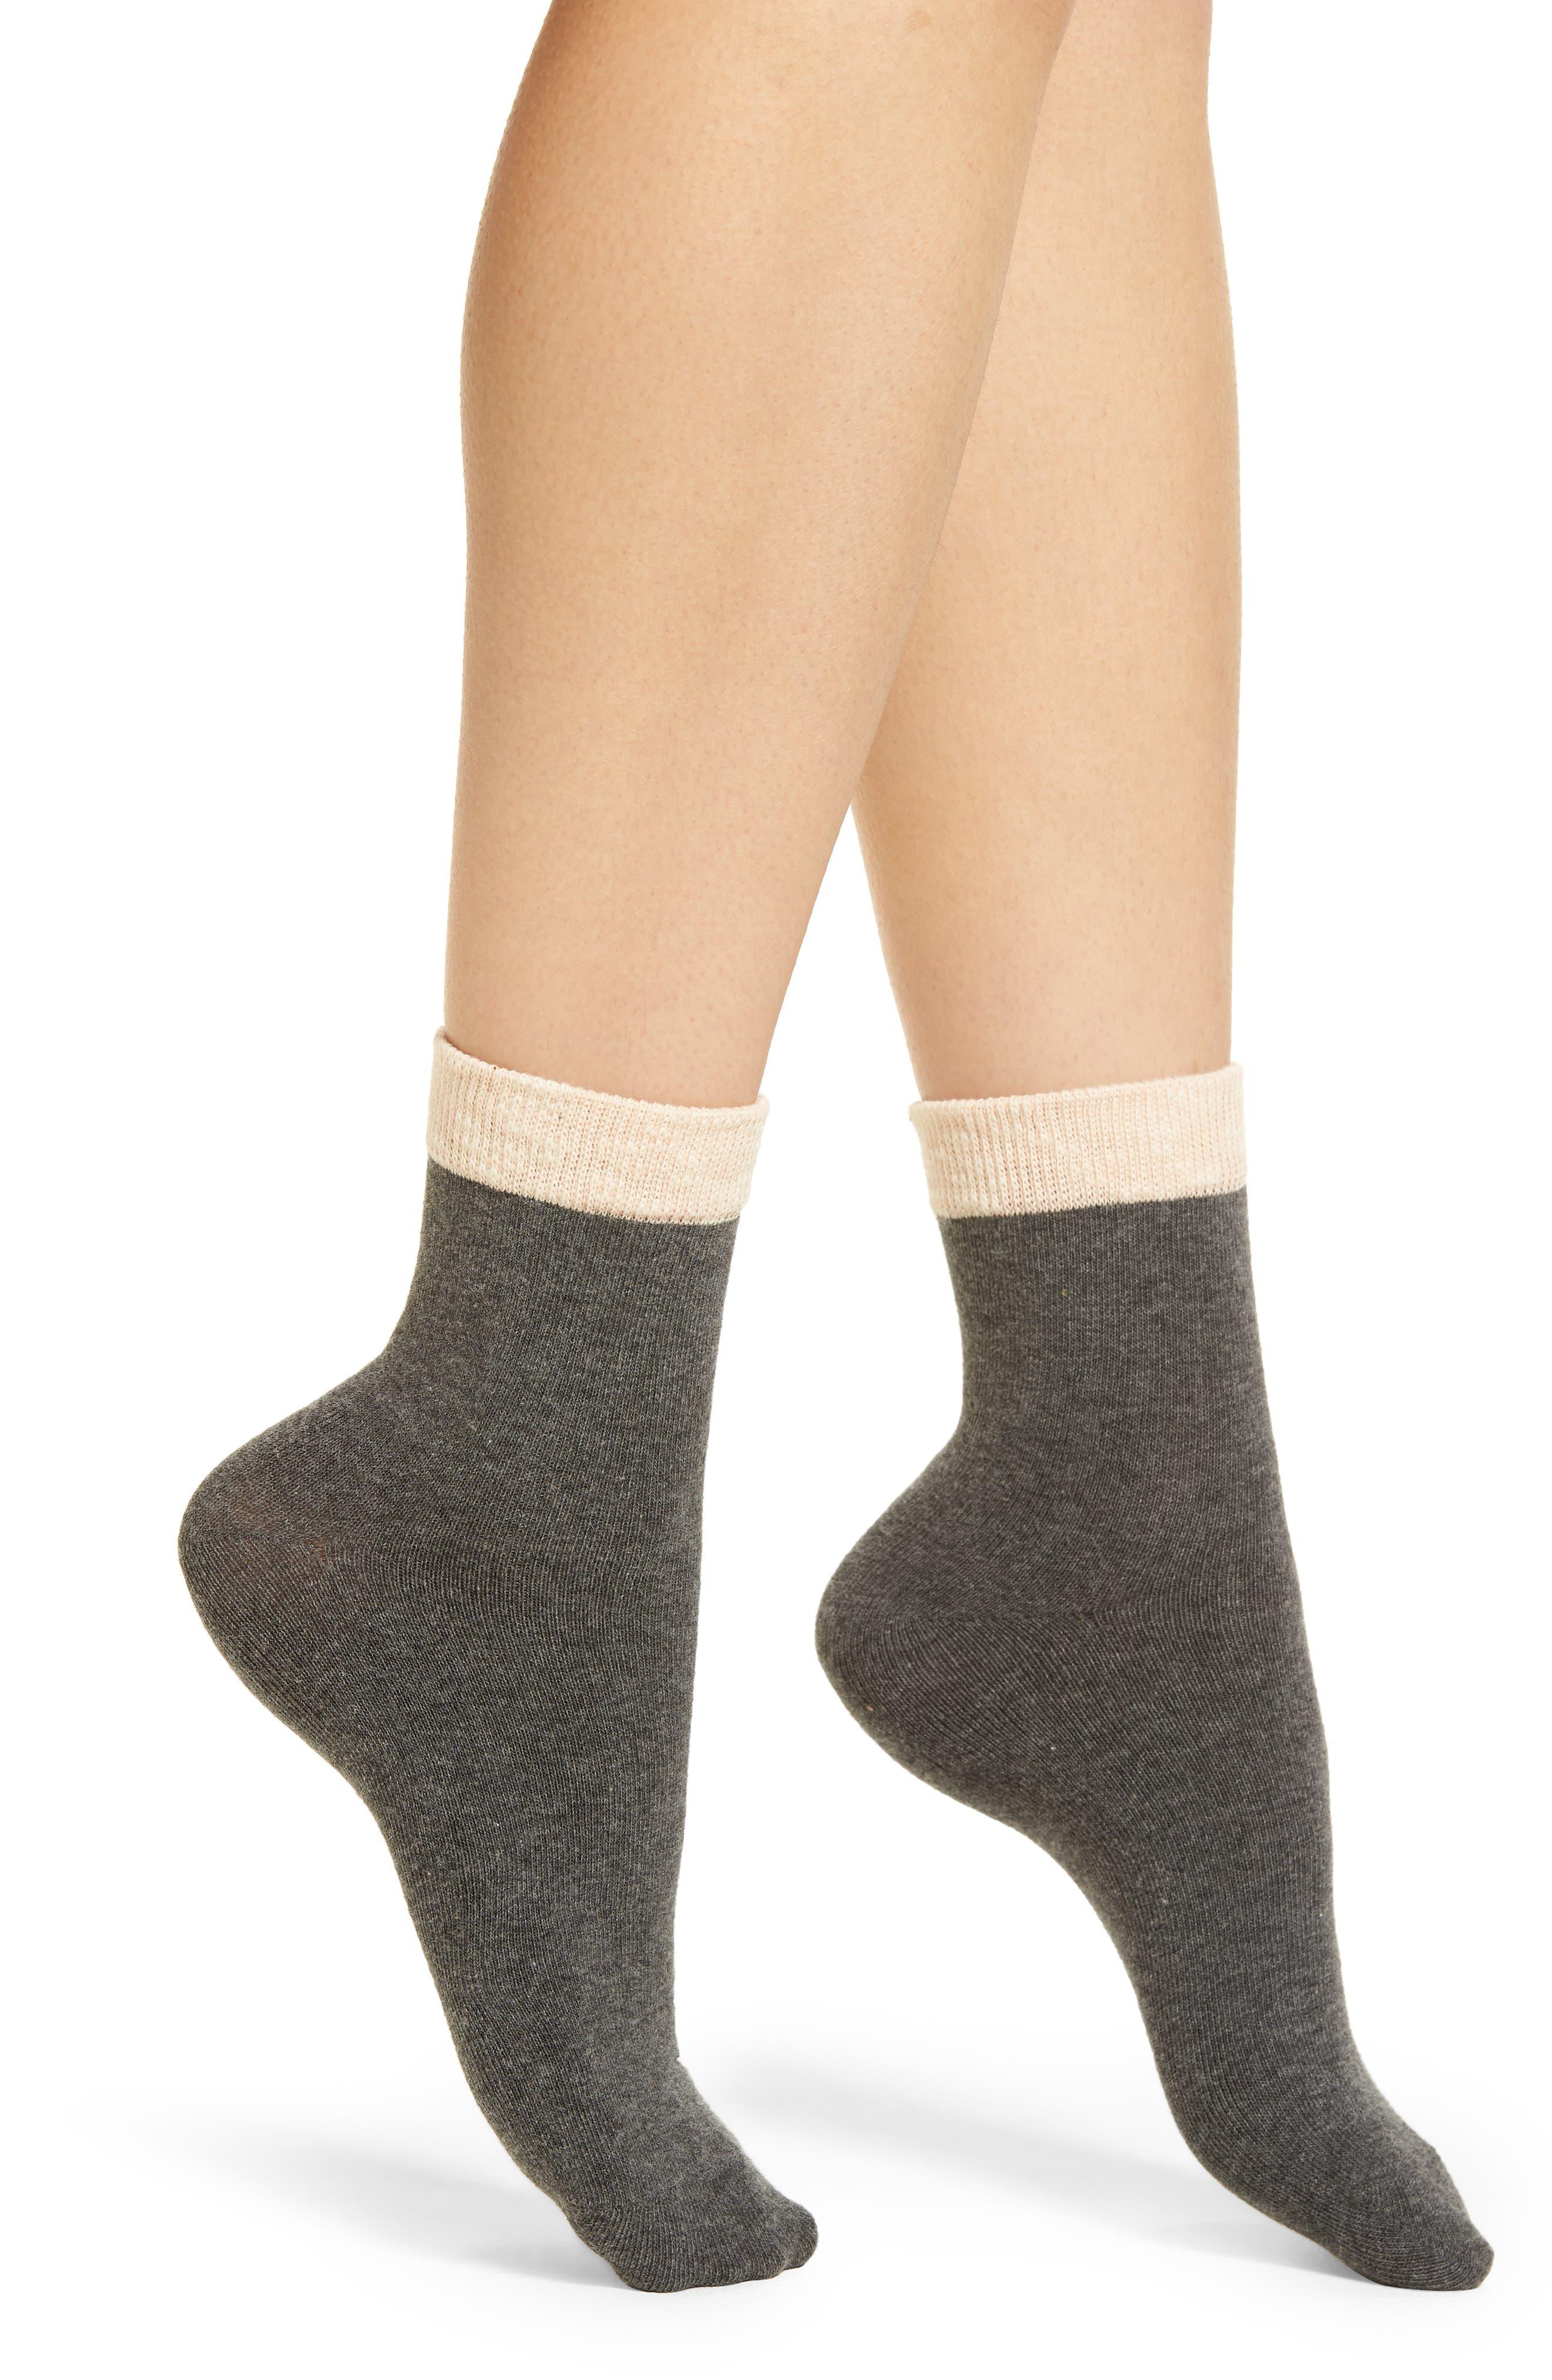 Richer Poorer Ivy Ankle Socks